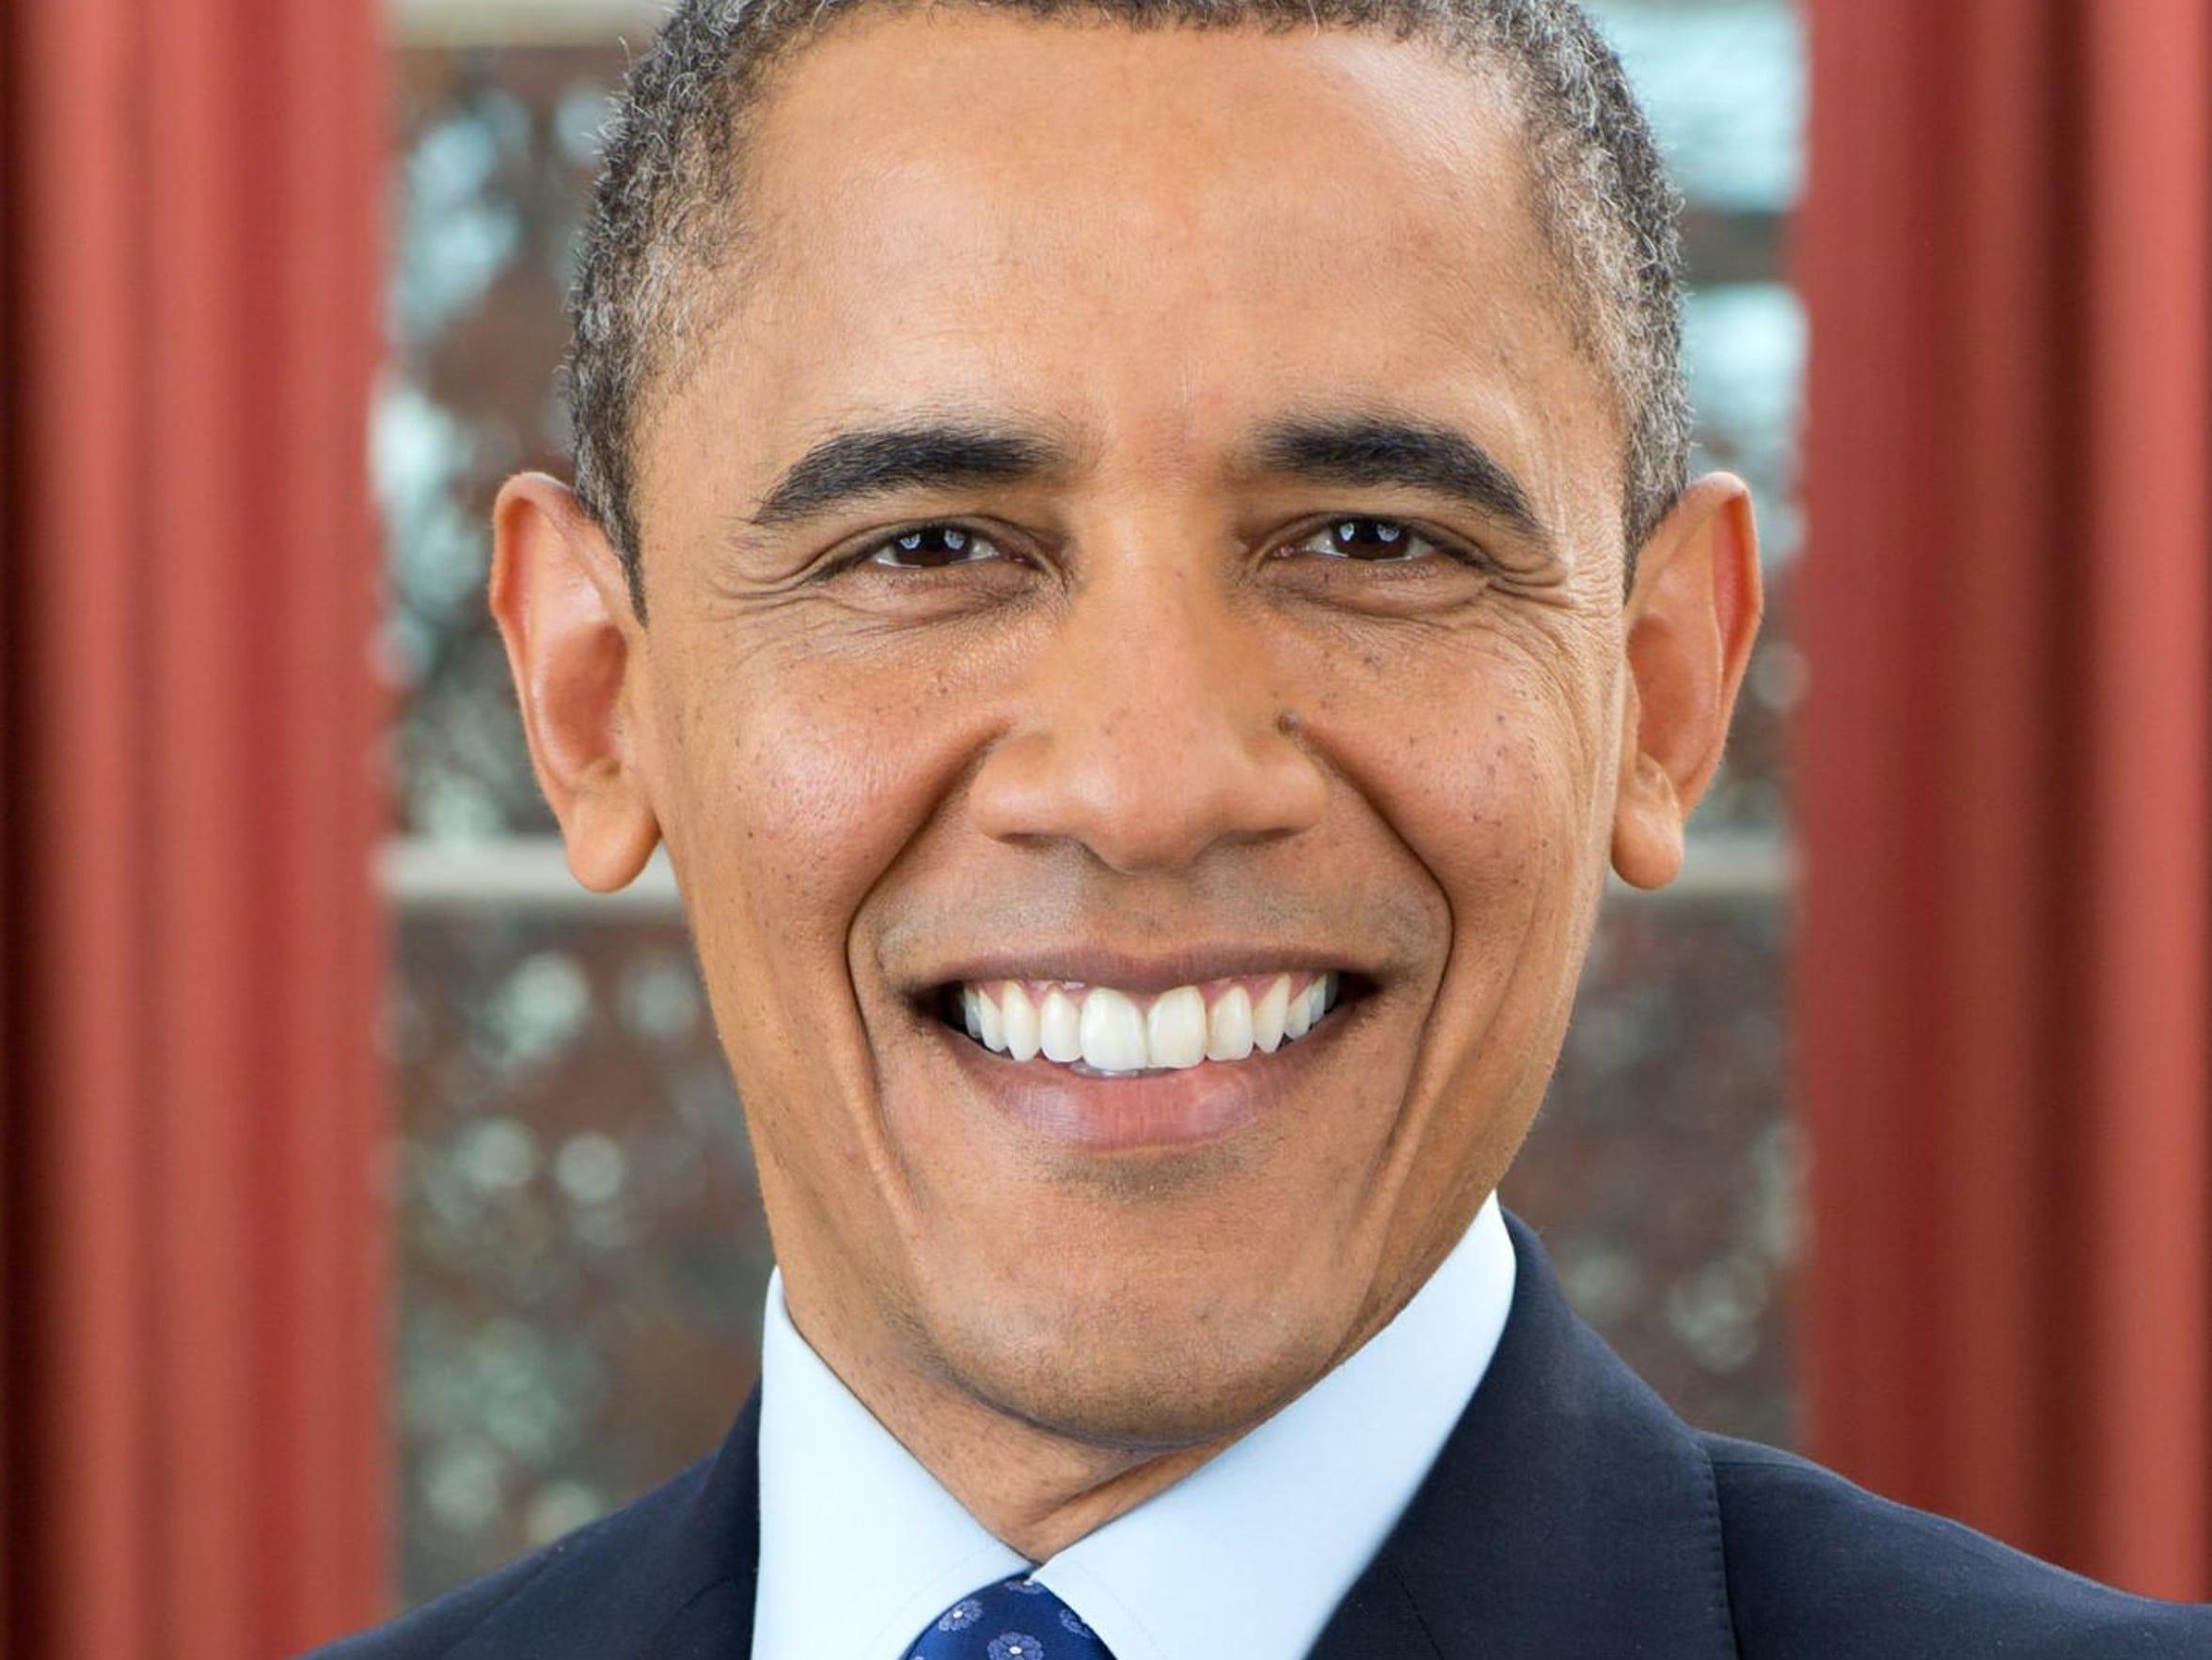 obamaofficialportrait-e1440007524907